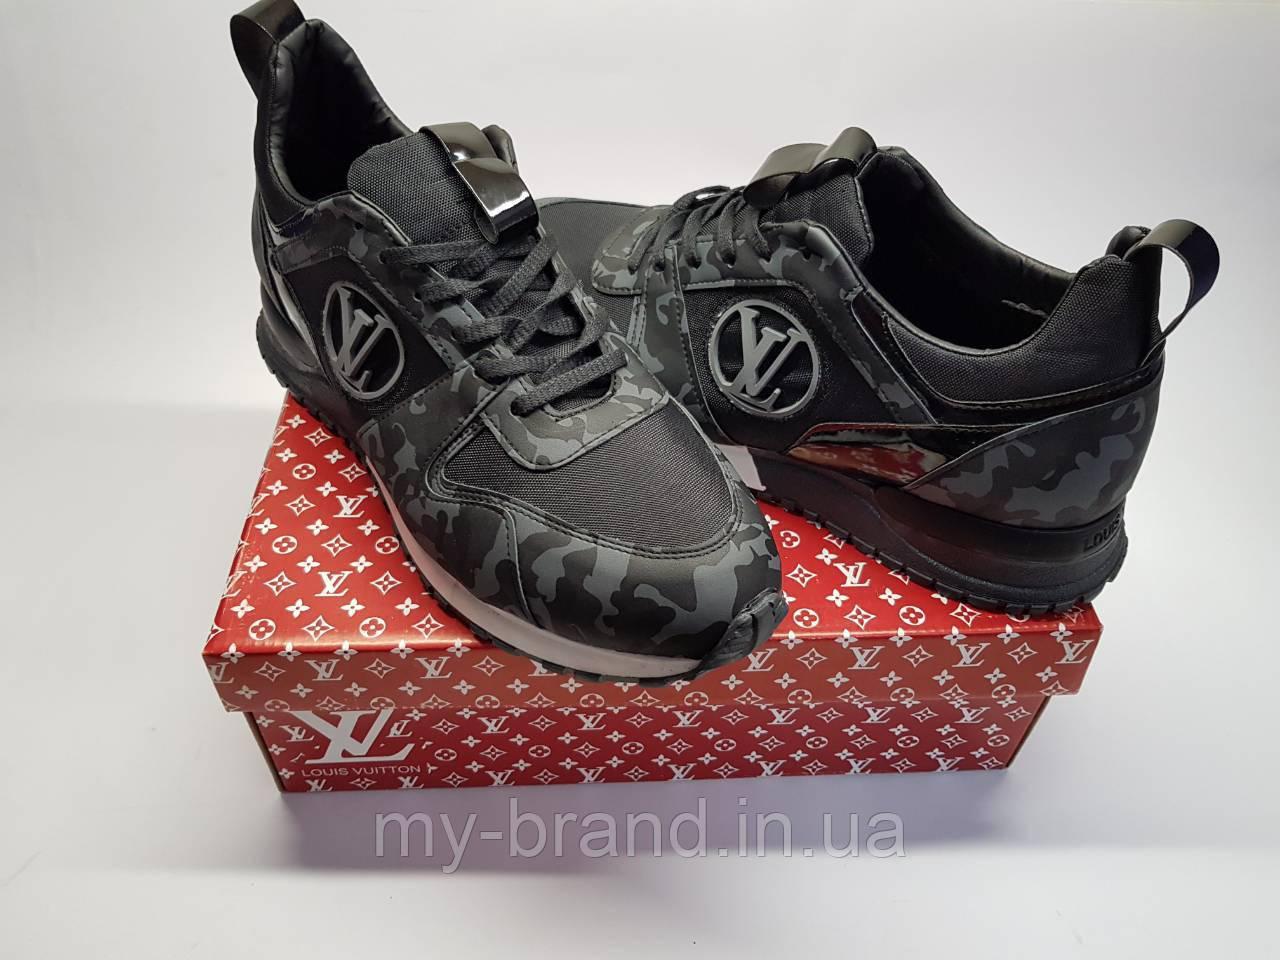 Мужские Кроссовки Louis Vuitton Люкс (Камуфляж Серый) — в Категории ... 2faffd6fb38